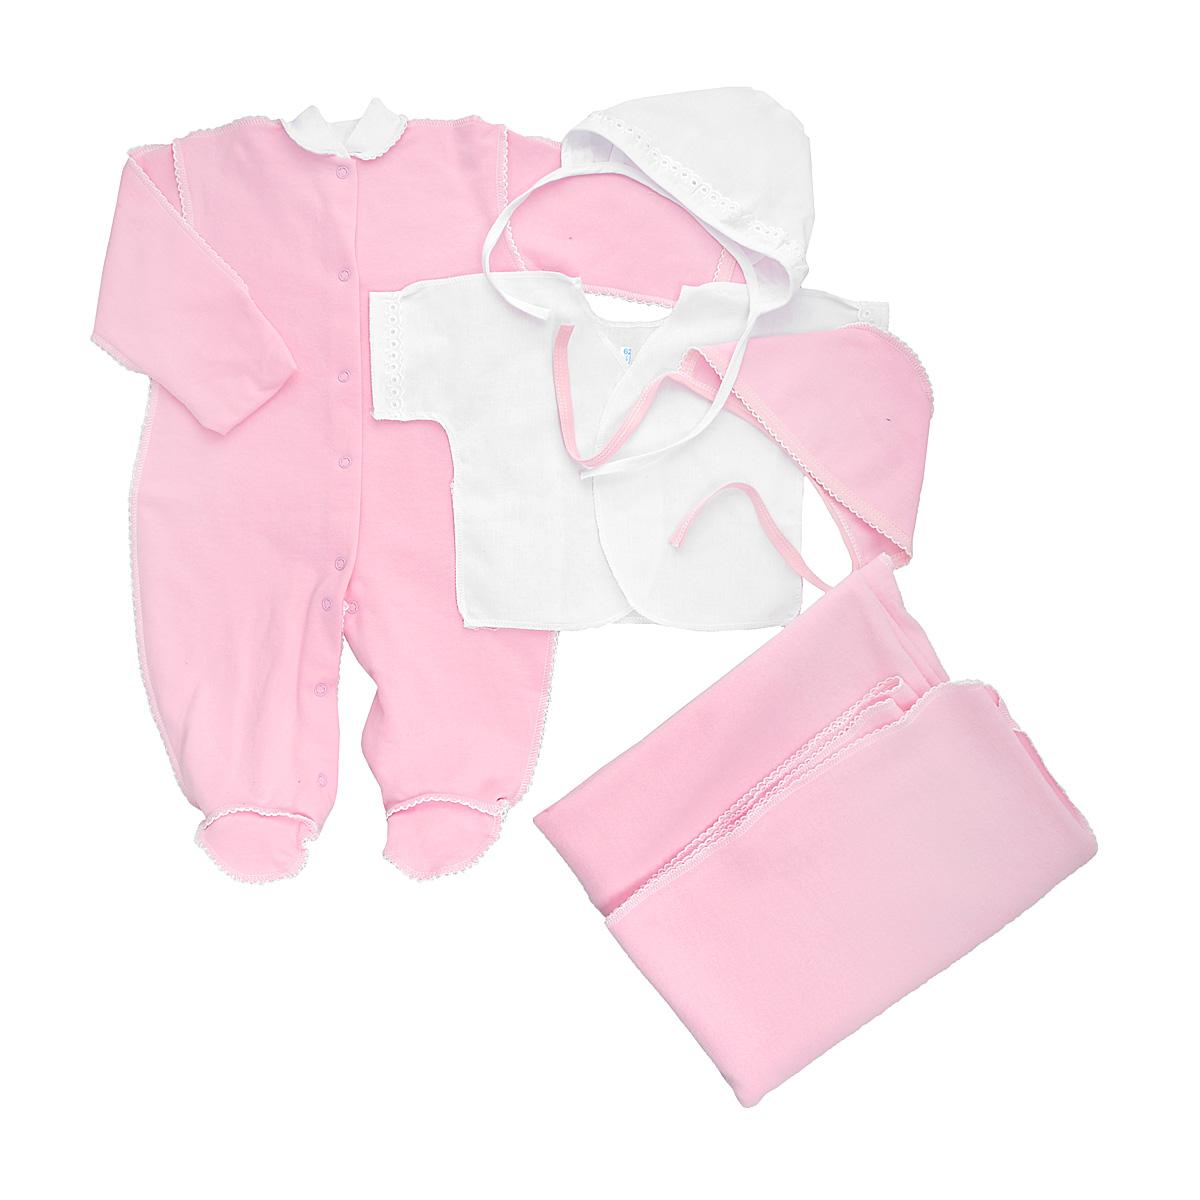 Комплект для новорожденного Трон-Плюс, 5 предметов, цвет: белый, розовый. 3474. Размер 56, 1 месяц3474Комплект для новорожденного Трон-плюс - это замечательный подарок, который прекрасно подойдет для первых дней жизни малыша. Комплект состоит из комбинезона, распашонки, двух чепчиков и пеленки. Комплект изготовлен из натурального хлопка, благодаря чему он необычайно мягкий и приятный на ощупь, не сковывает движения младенца и позволяет коже дышать, не раздражает даже самую нежную и чувствительную кожу ребенка, обеспечивая ему наибольший комфорт. Легкая распашонка с короткими рукавами выполнена швами наружу. Рукава декорированы ажурными рюшами. Теплый комбинезон с небольшим воротничком-стойкой, длинными рукавами и закрытыми ножками идеально подойдет вашему ребенку, обеспечивая ему наибольший комфорт. Комбинезон застегивает на кнопочки по всей длине и на ластовице, что помогает с легкостью переодеть ребенка или сметить подгузник. Рукавички обеспечат вашему малышу комфорт во время сна и бодрствования, предохраняя нежную кожу новорожденного от расцарапывания. Комбинезон выполнен швами наружу и украшен ажурными петельками. Чепчик защищает еще не заросший родничок, щадит чувствительный слух малыша, прикрывая ушки, и предохраняет от теплопотерь. Комплект содержит два чепчика: один - легкий мягкий чепчик с завязками выполнен швами наружу и украшен ажурными рюшами, а второй - теплый чепчик выполнен из футера швами наружу и украшен ажурными петельками. Теплая и мягкая пеленка станет незаменимым помощником в деле ухода за ребенком. По периметру изделие оформлено ажурными петельками. В таком комплекте ваш малыш будет чувствовать себя комфортно, уютно и всегда будет в центре внимания!